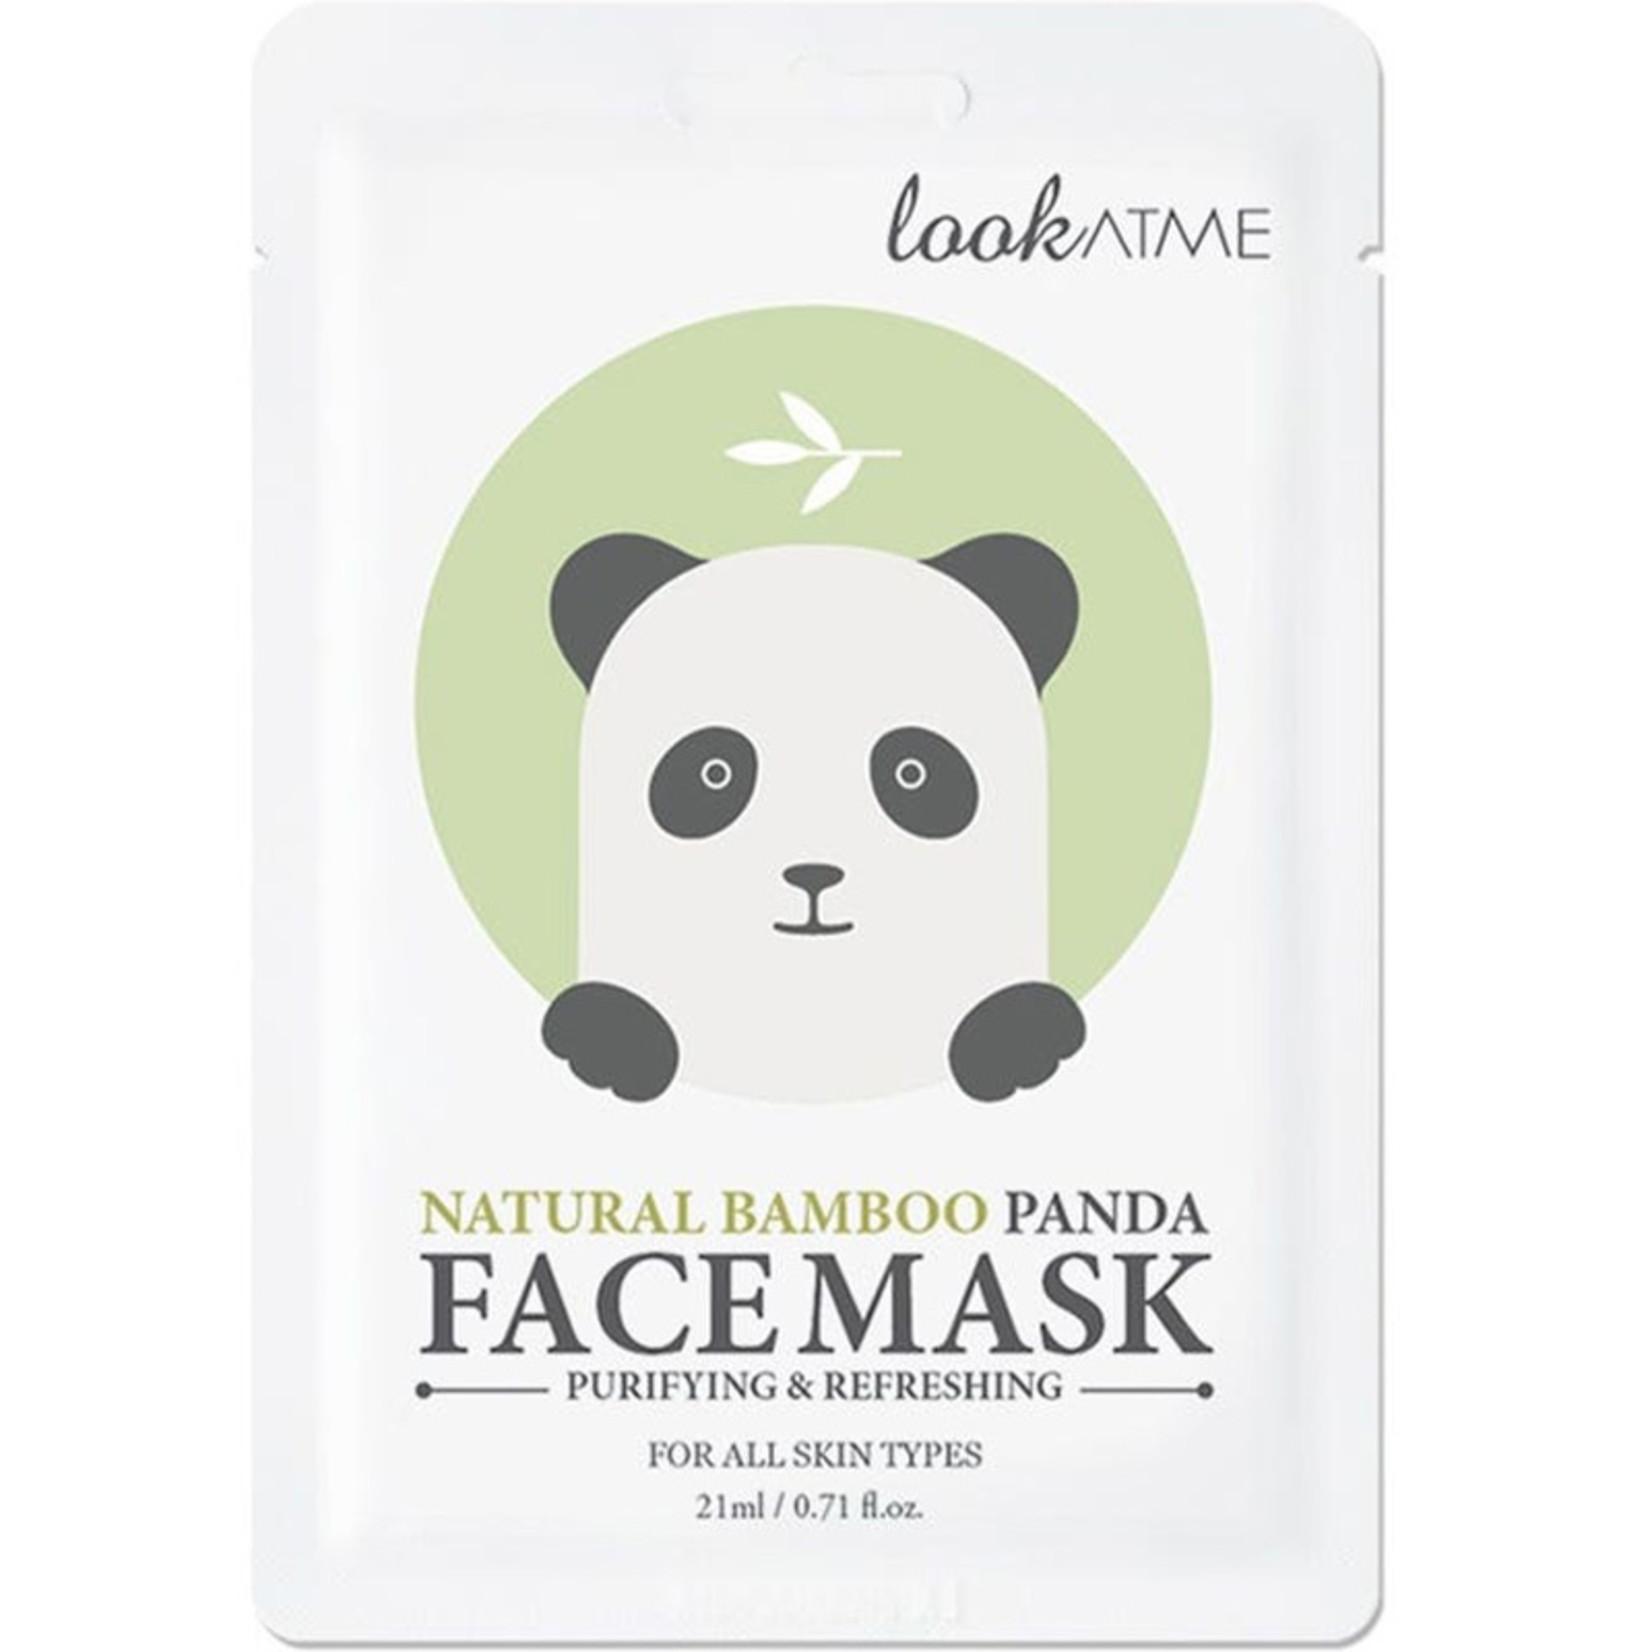 lookATME Natural Bamboo Panda Face Mask